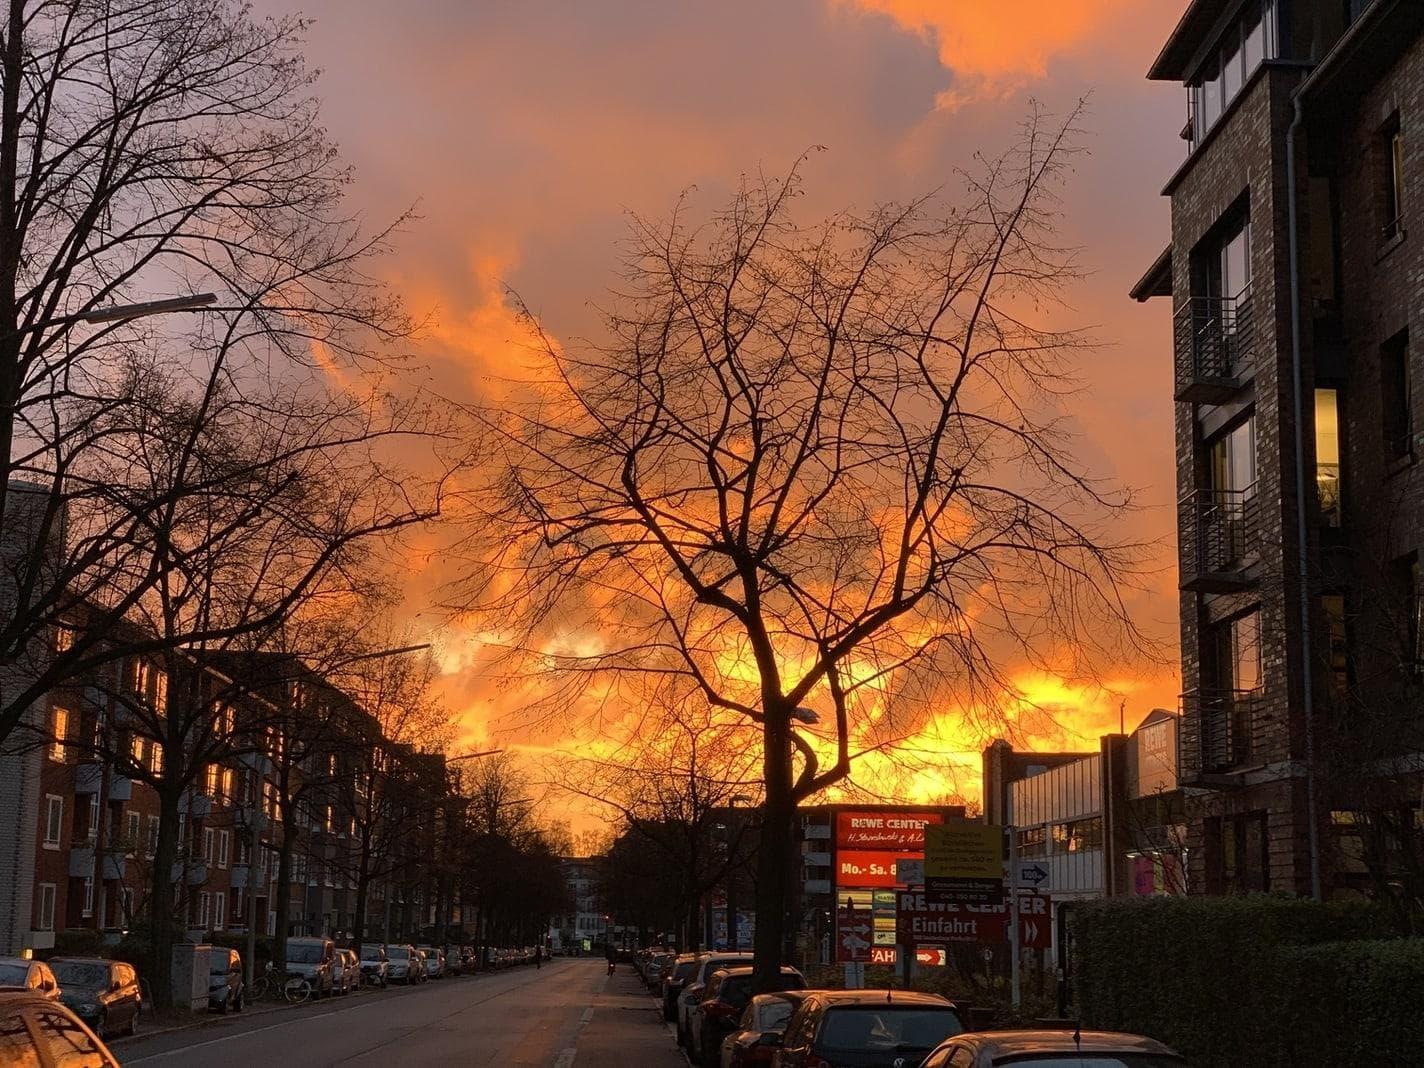 Atemberaubender Sonnenuntergang: Abendrot sieht aus wie Feuer – Mann ruft Feuerwehr